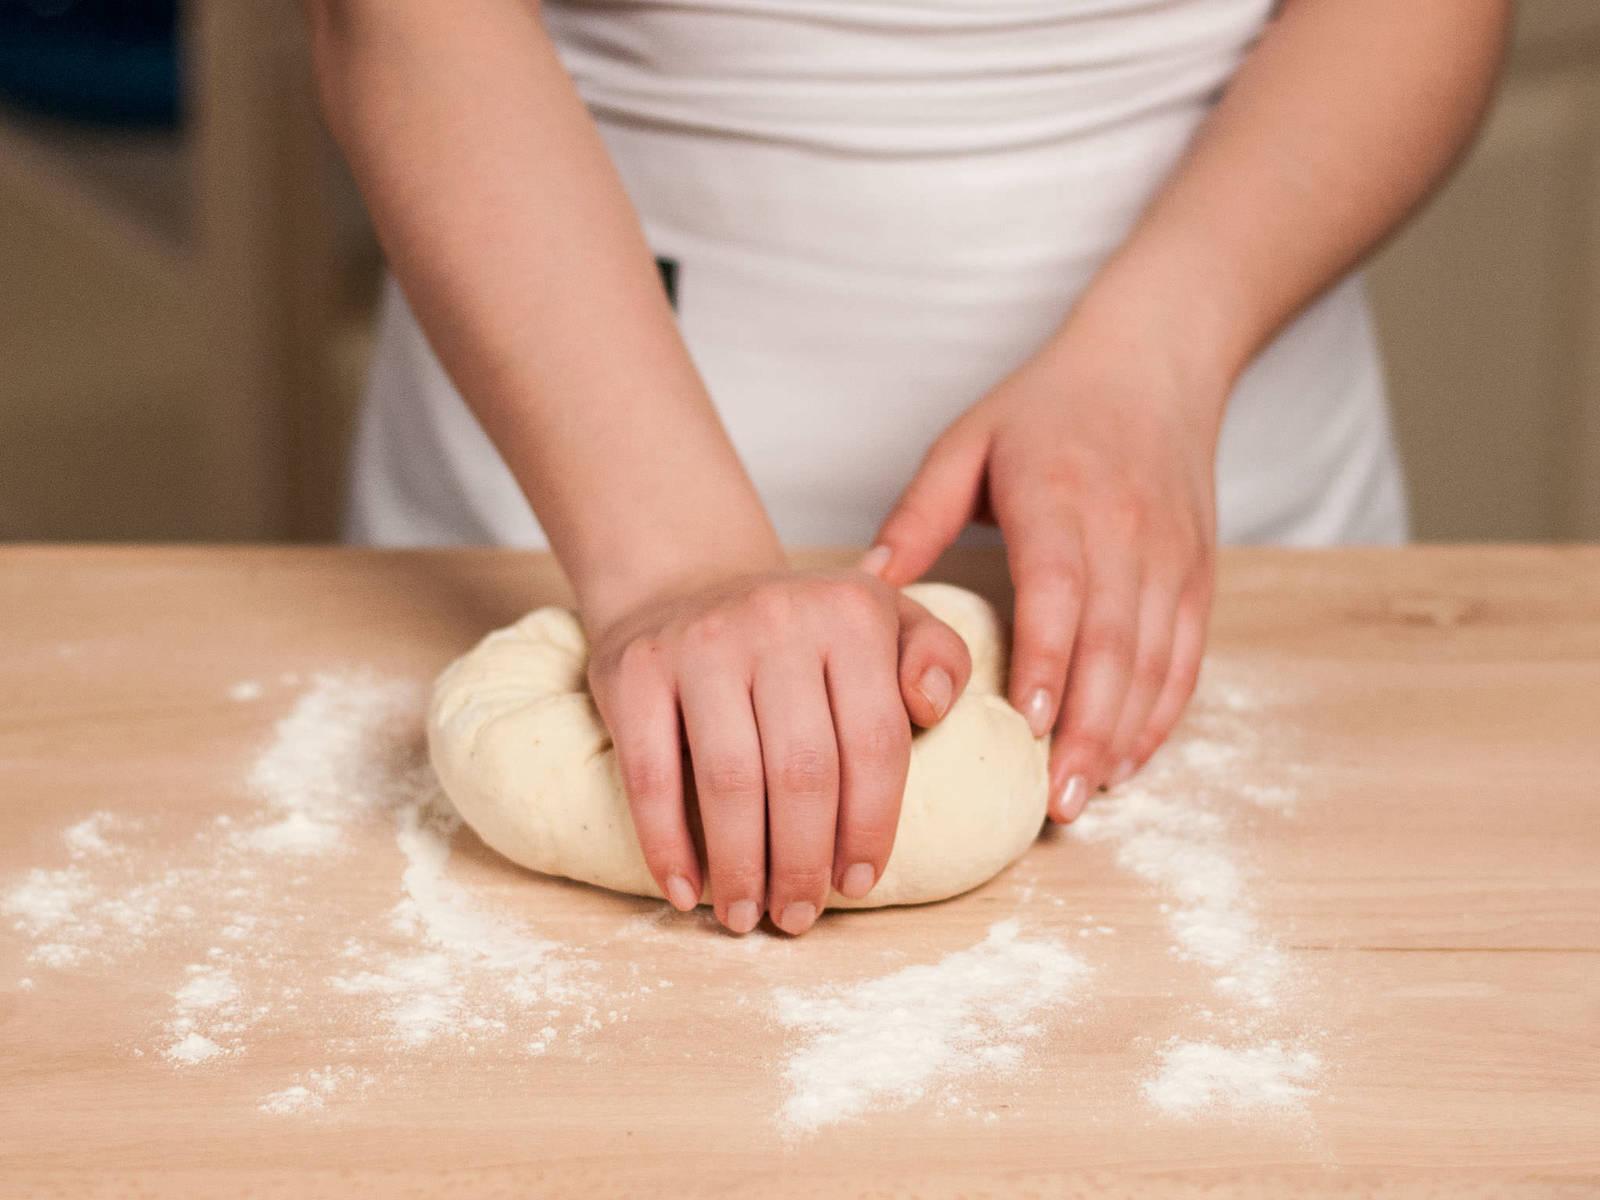 预热烤架。在工作台表面撒少许面粉,将面团揉至光滑有弹性。